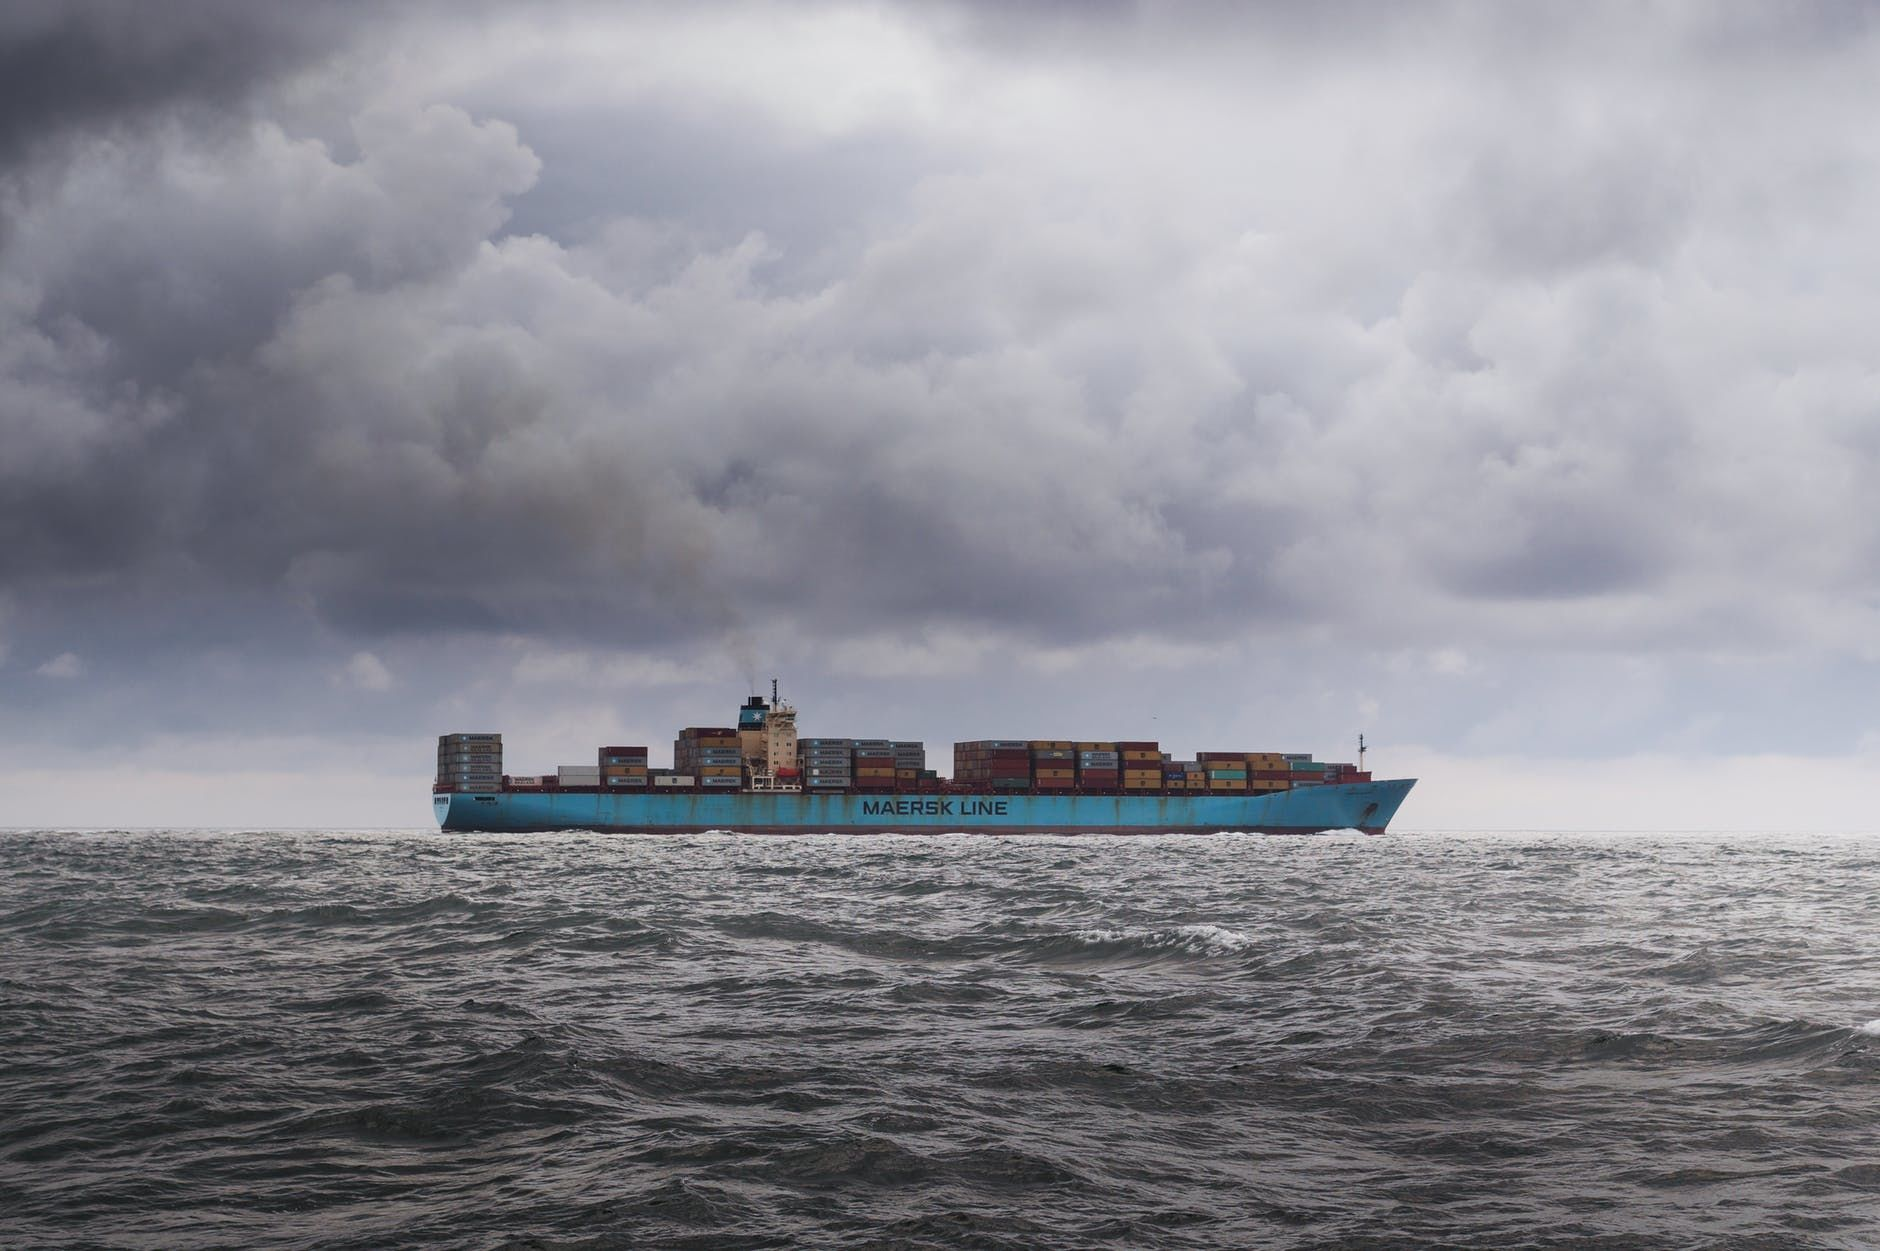 12 Jenis dan Fungsi Kapal yang Wajib Kamu Ketahui, Sudah Tahu Belum?